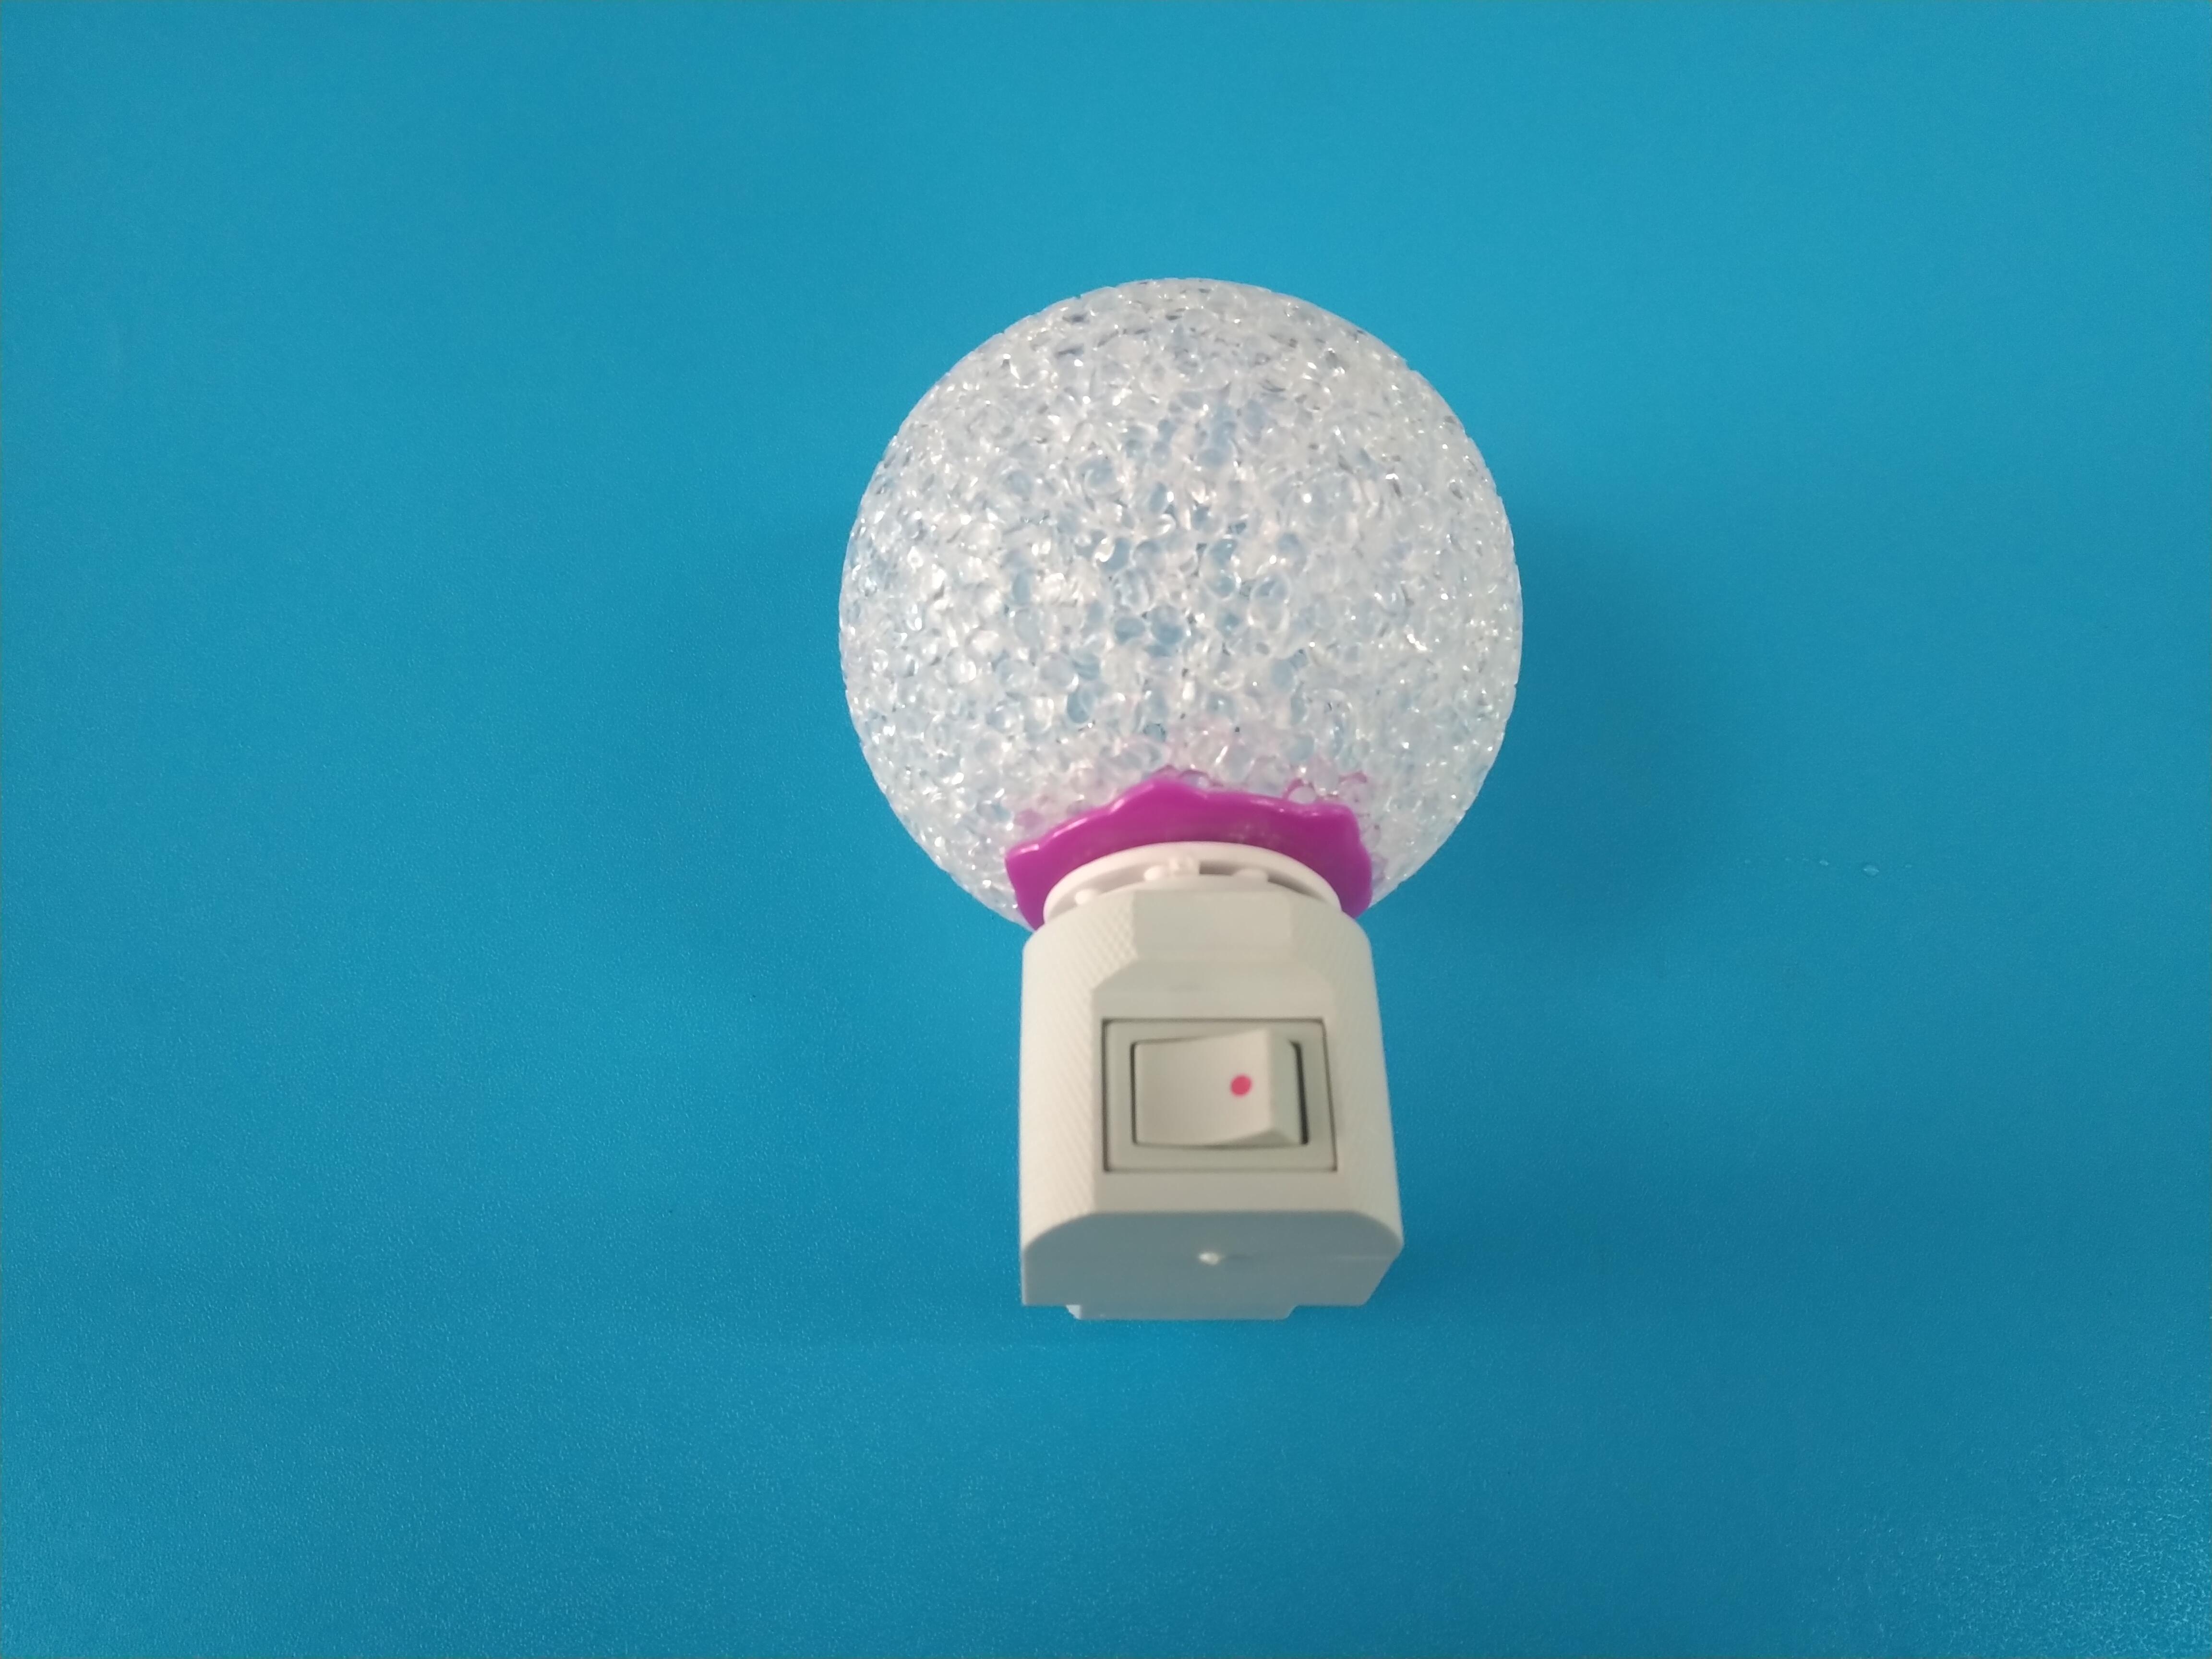 Đèn ngủ hình quả cầu tự động đổi màu